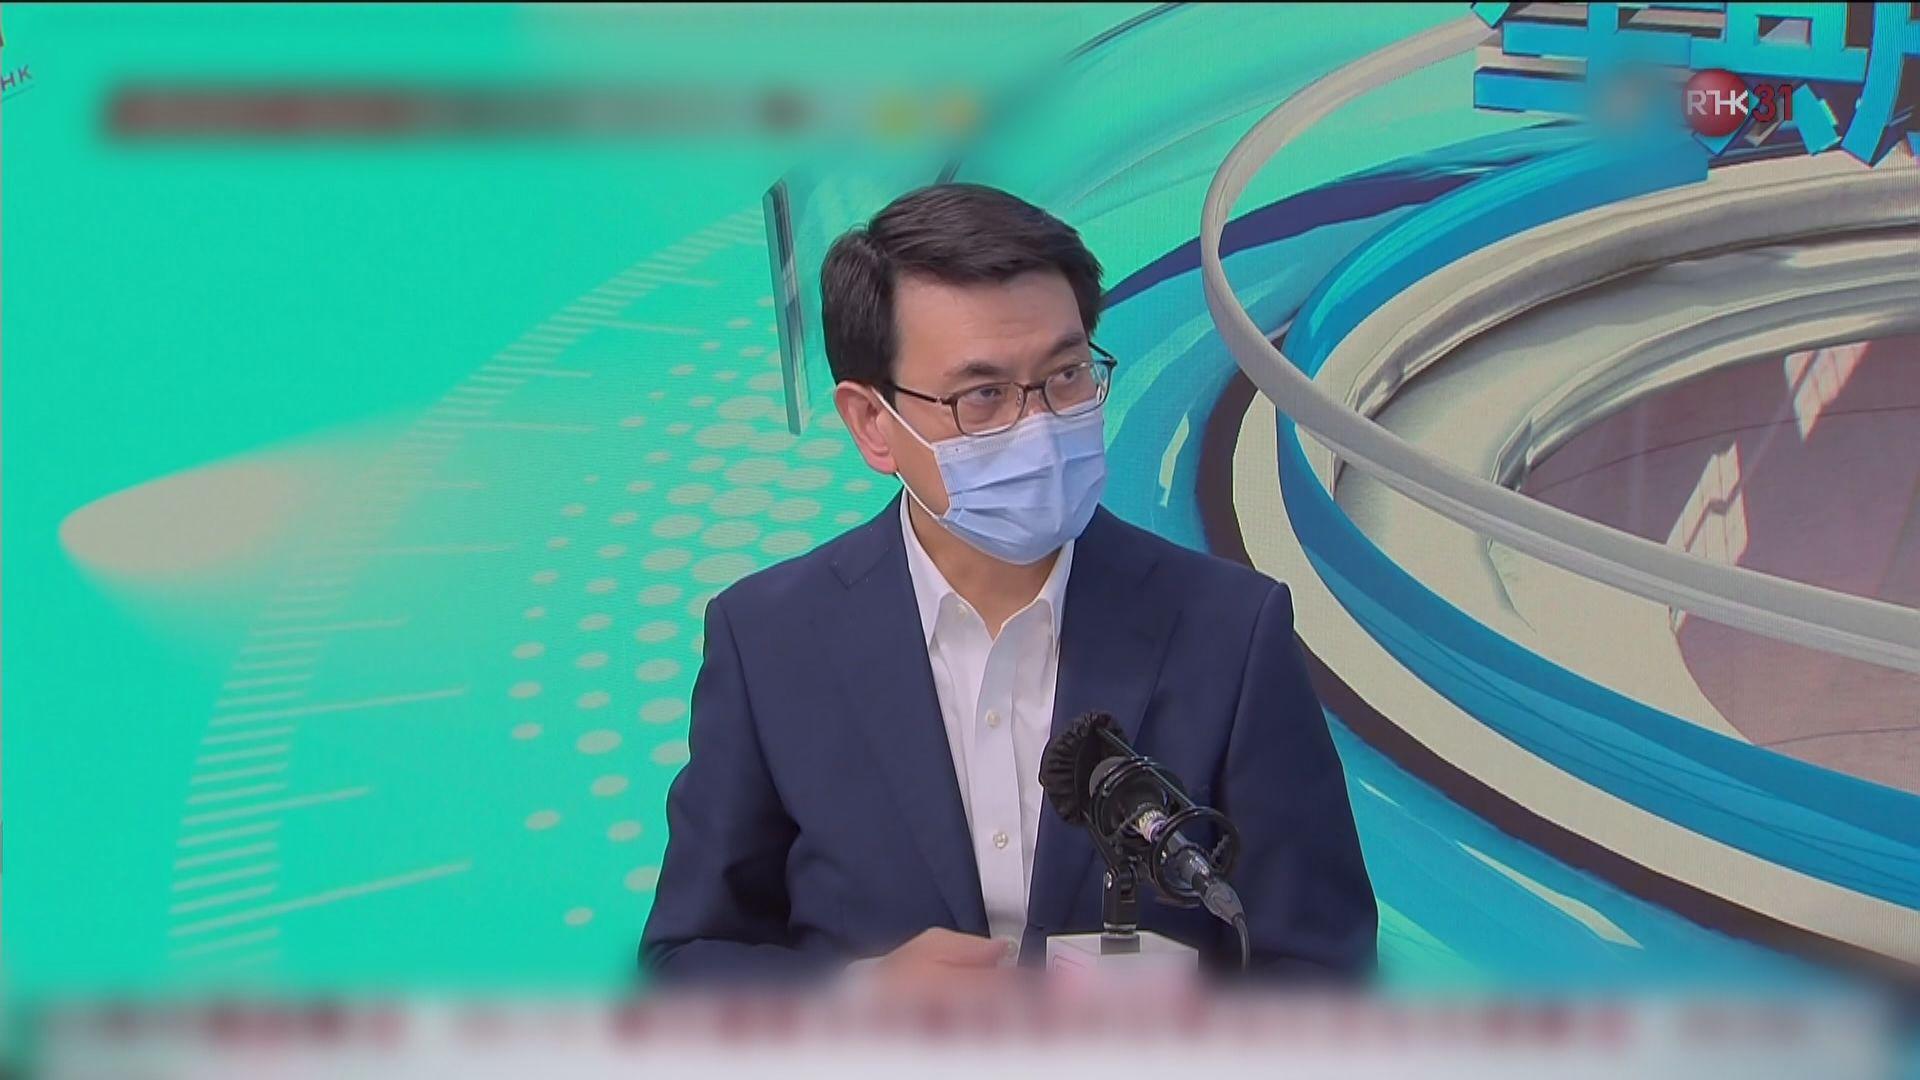 邱騰華:非要將港台變成政府喉舌 編輯自主並非無約束